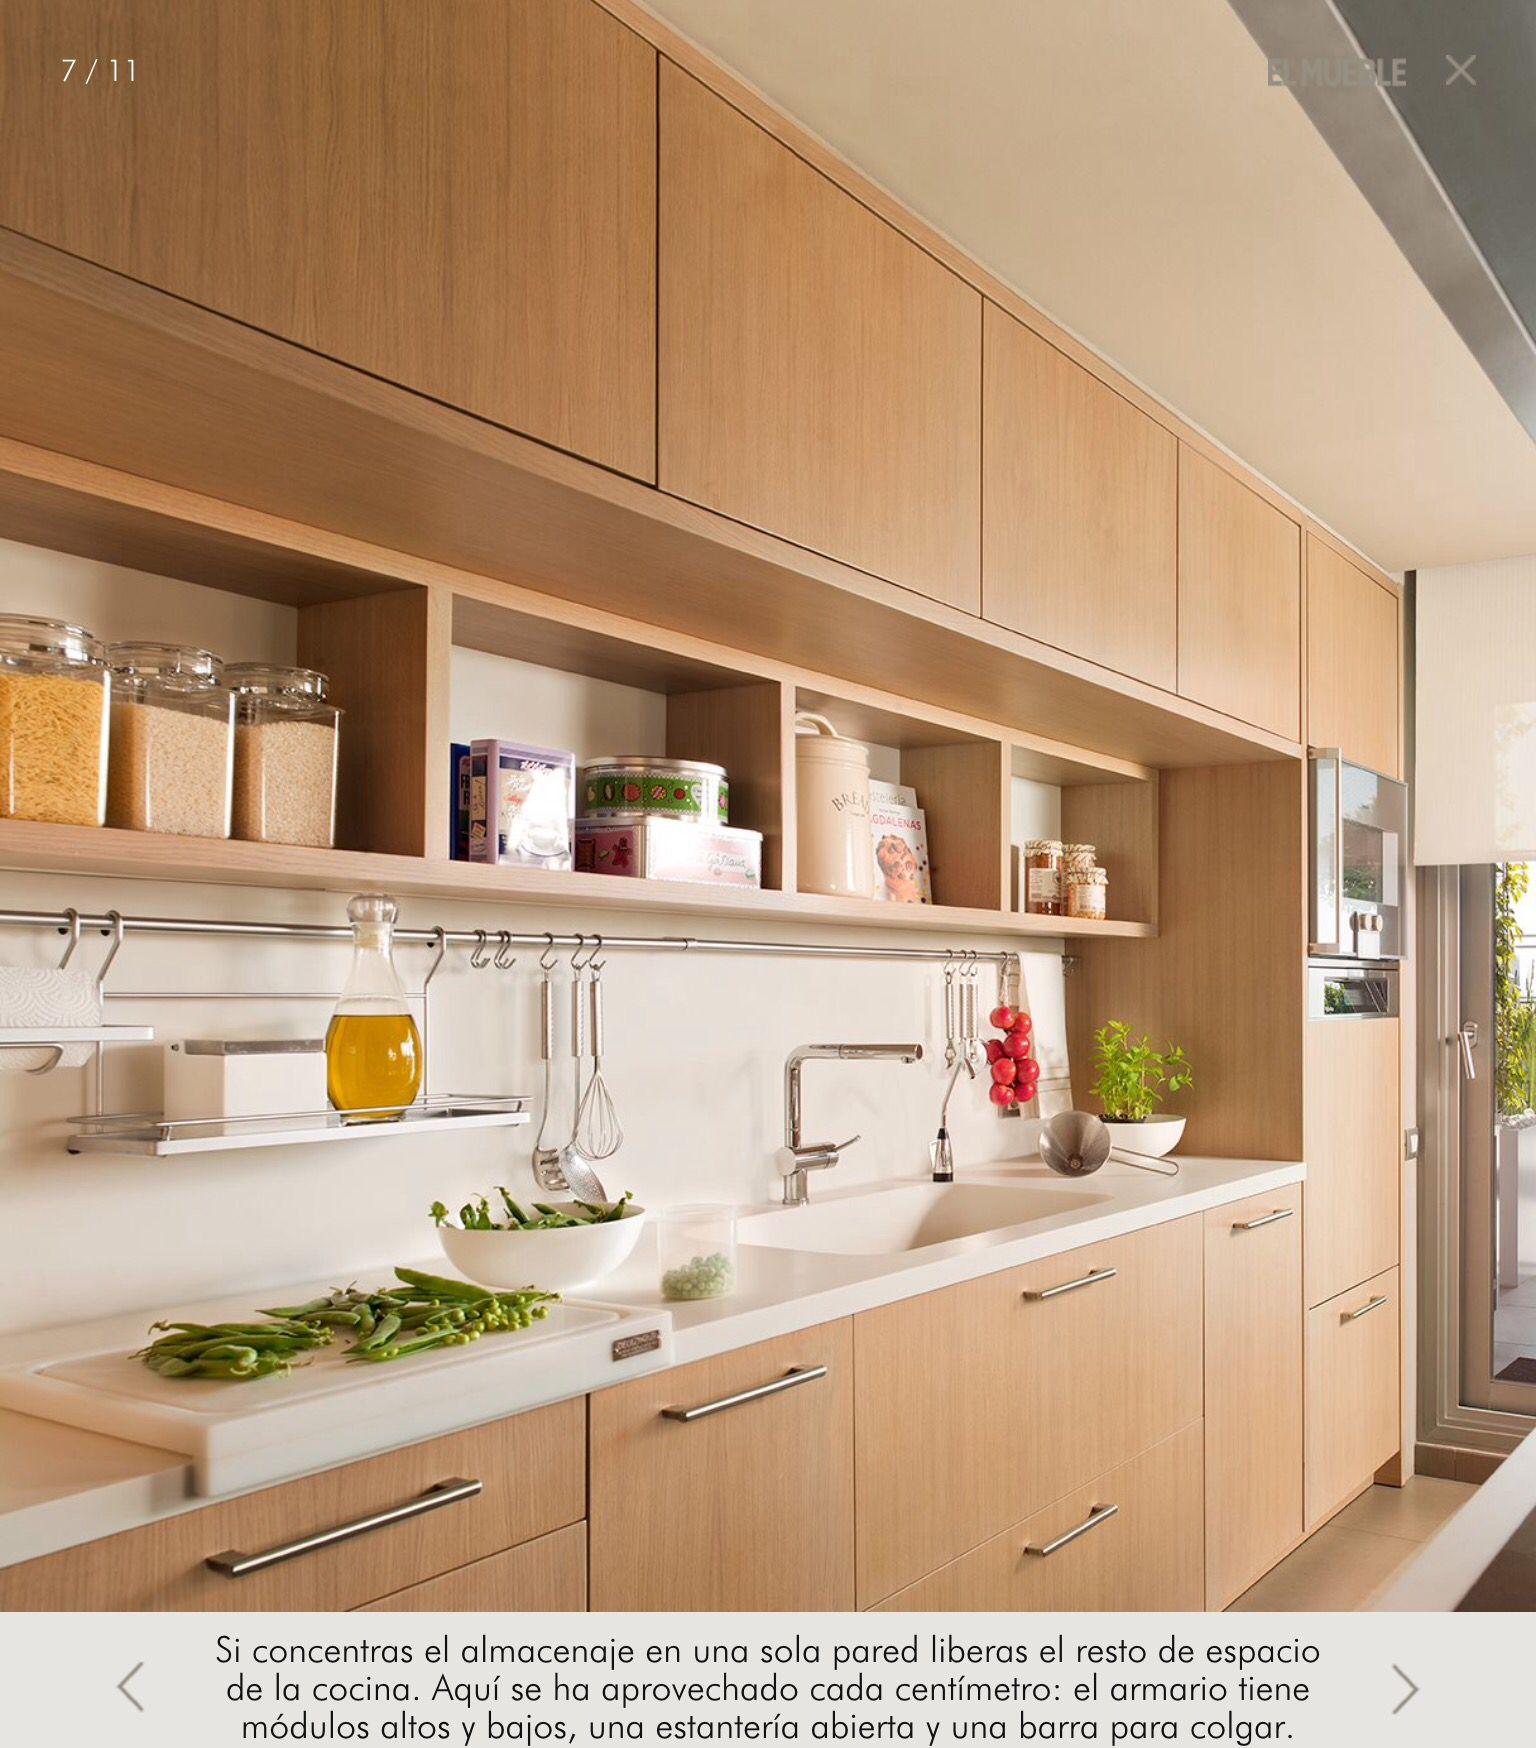 Muebles en madera clara y encimera en blanco | Cocinas | Pinterest